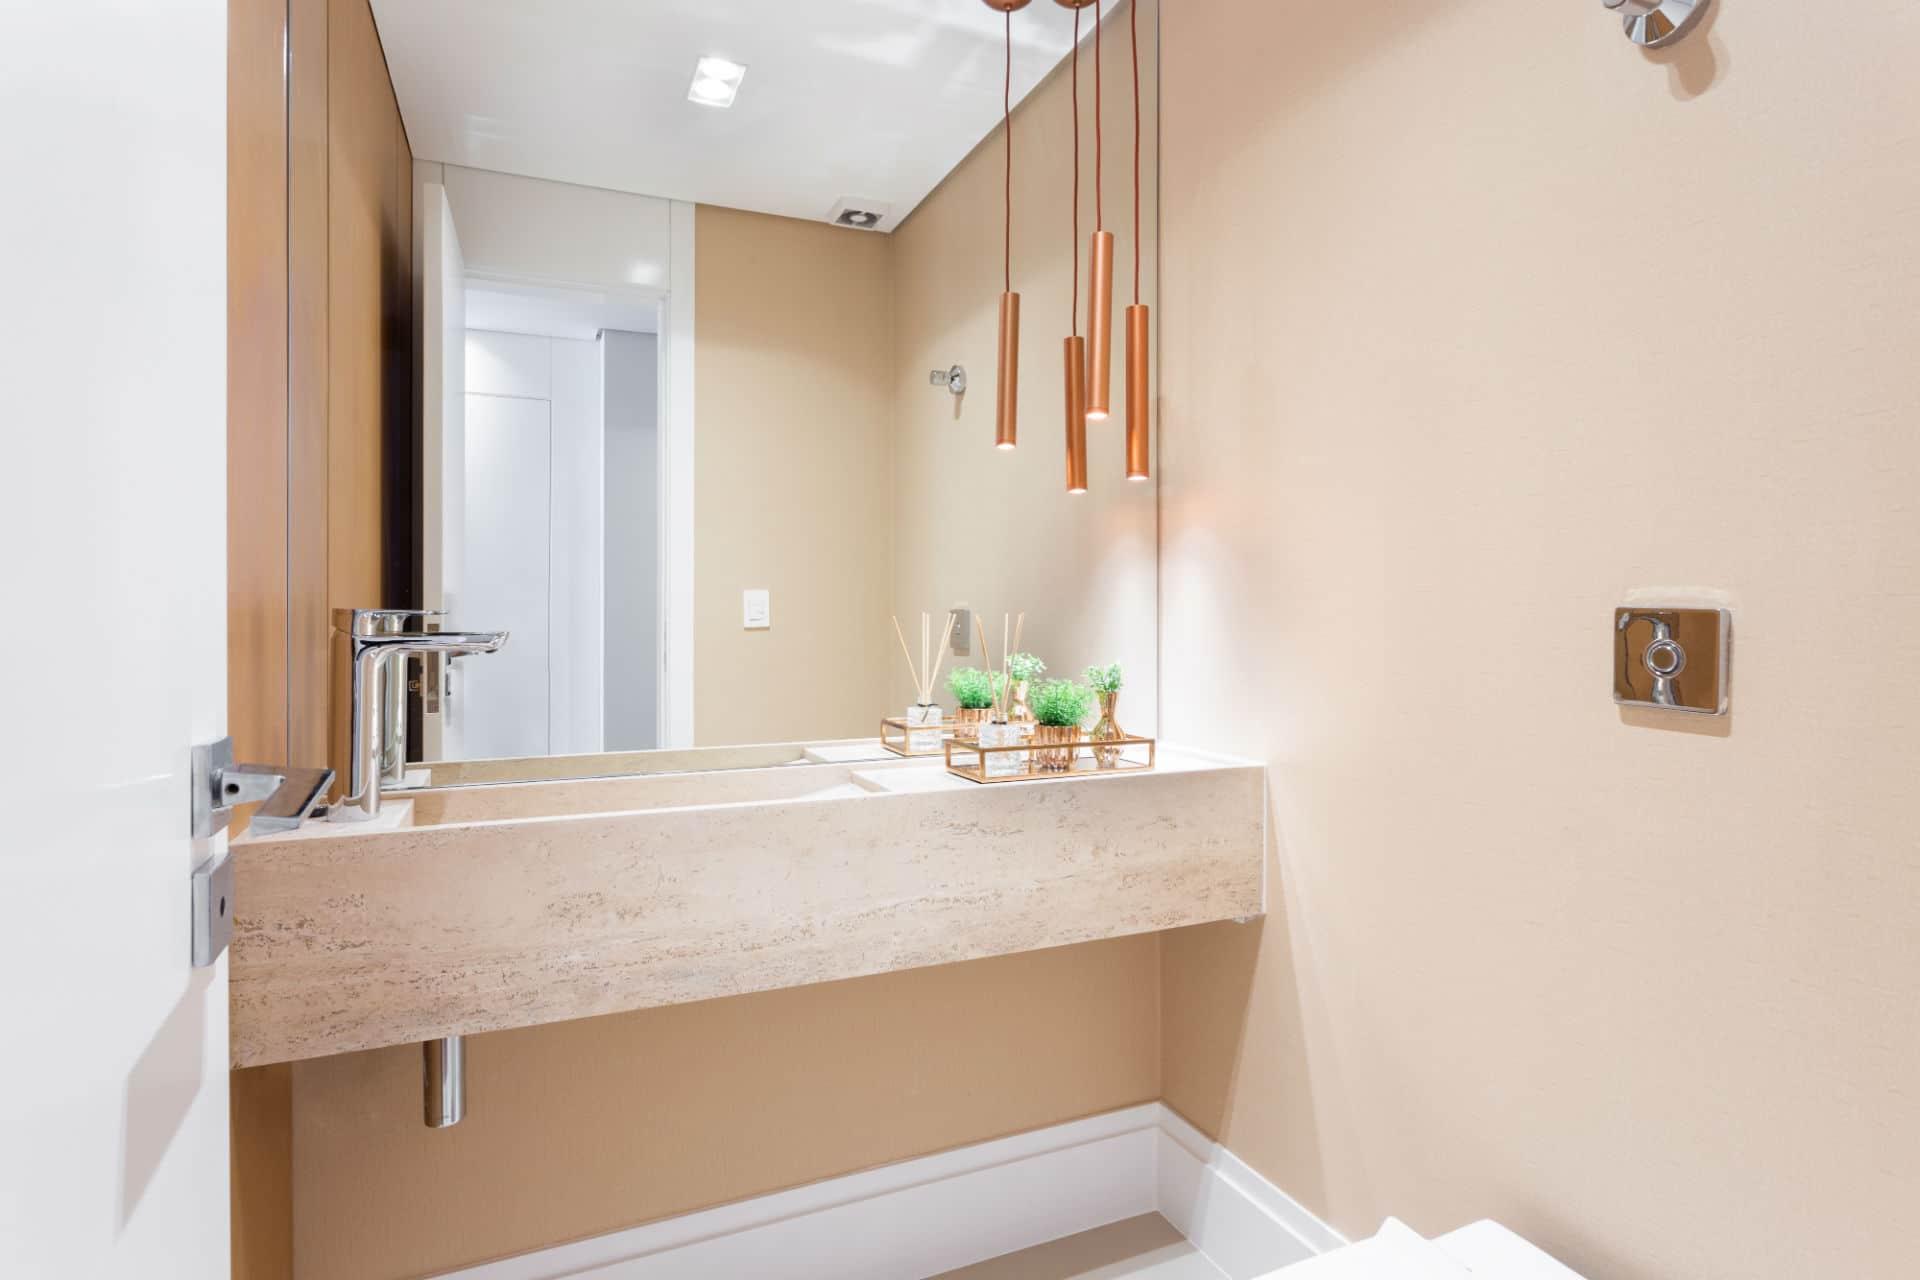 Antes & depois: confira a reforma deste lavabo em apartamento nos Jardins em SP